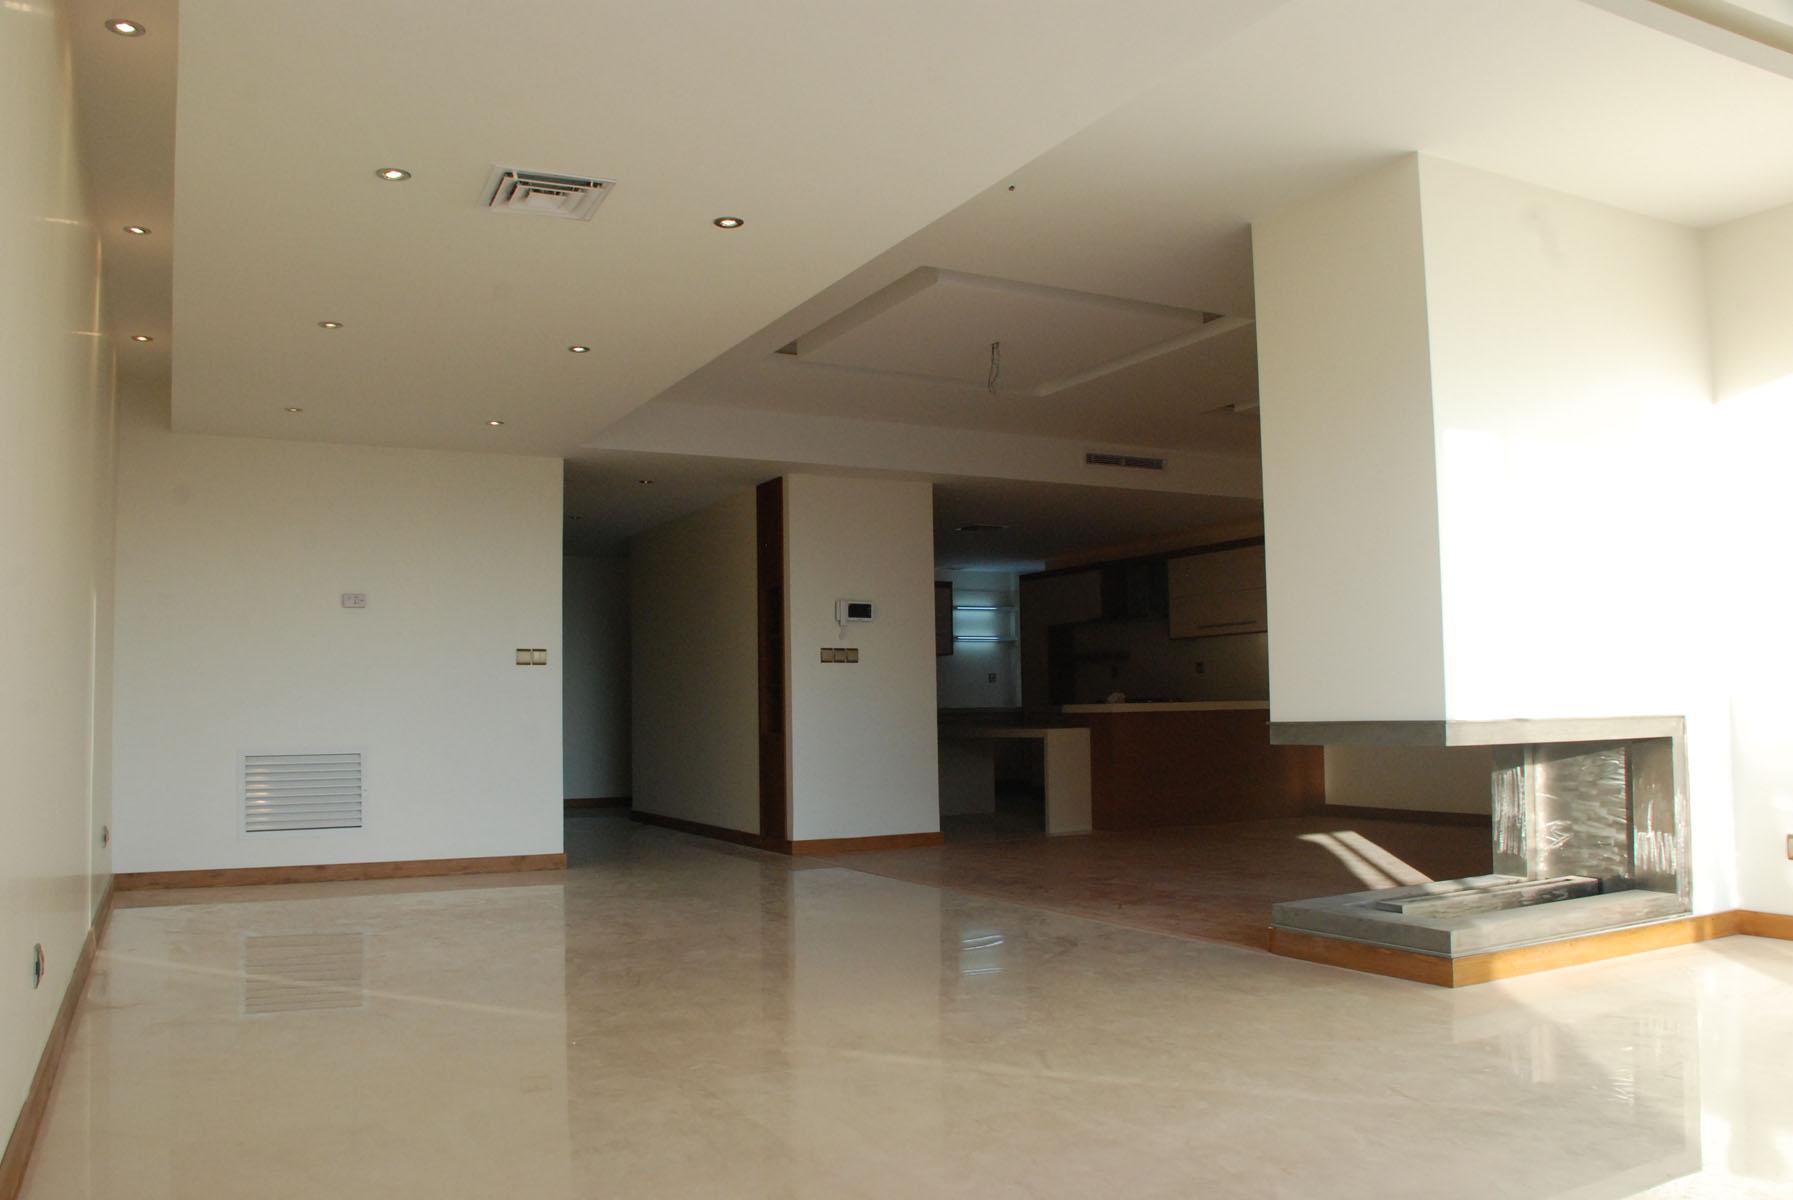 Daroos Residential Building09